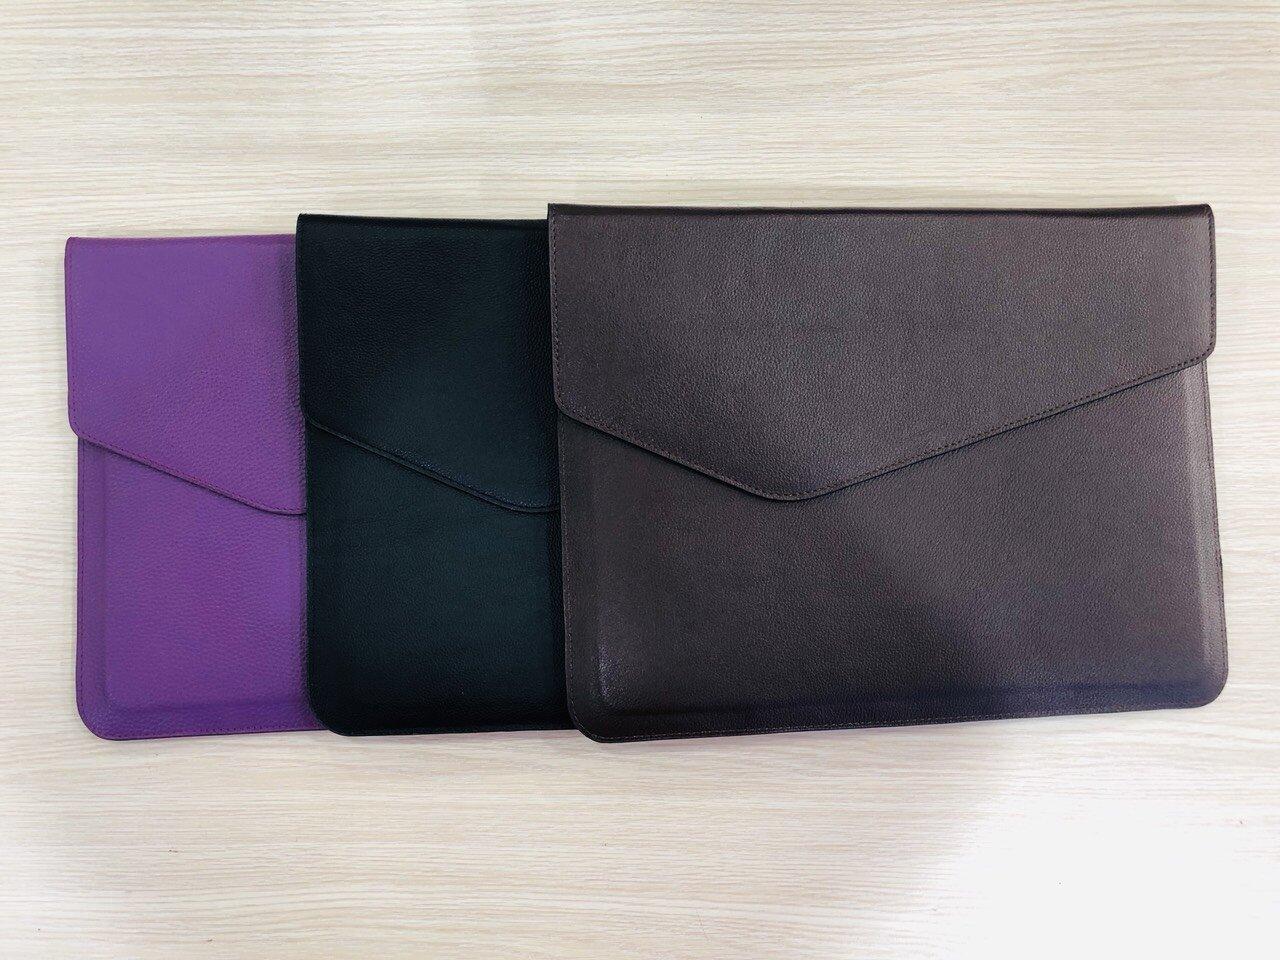 Tiêu chuẩn của túi chống sốc laptop